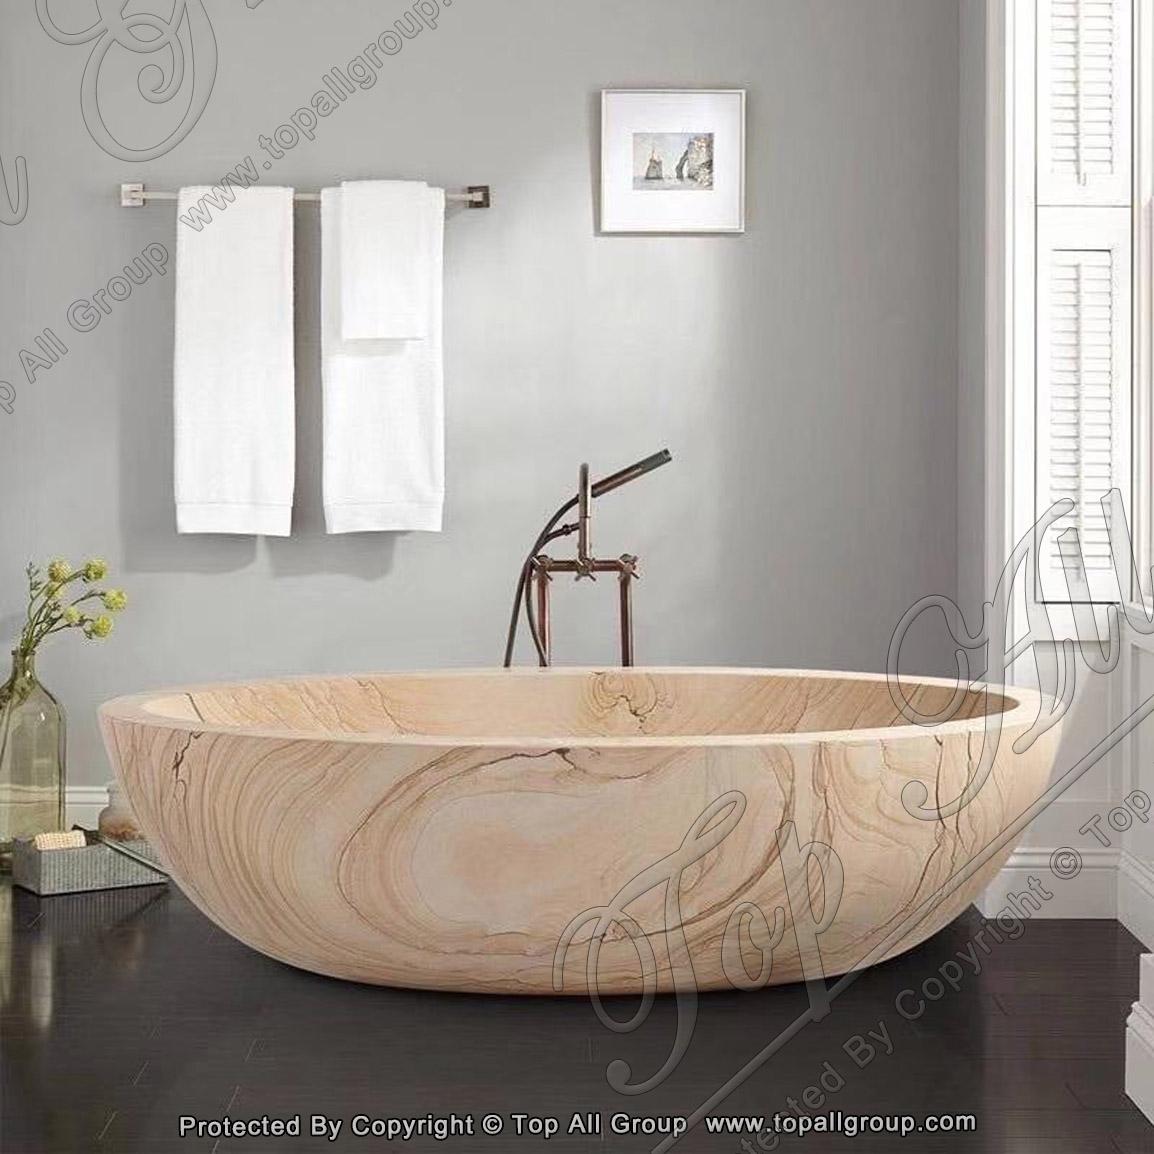 Factory Stone Bath Tub